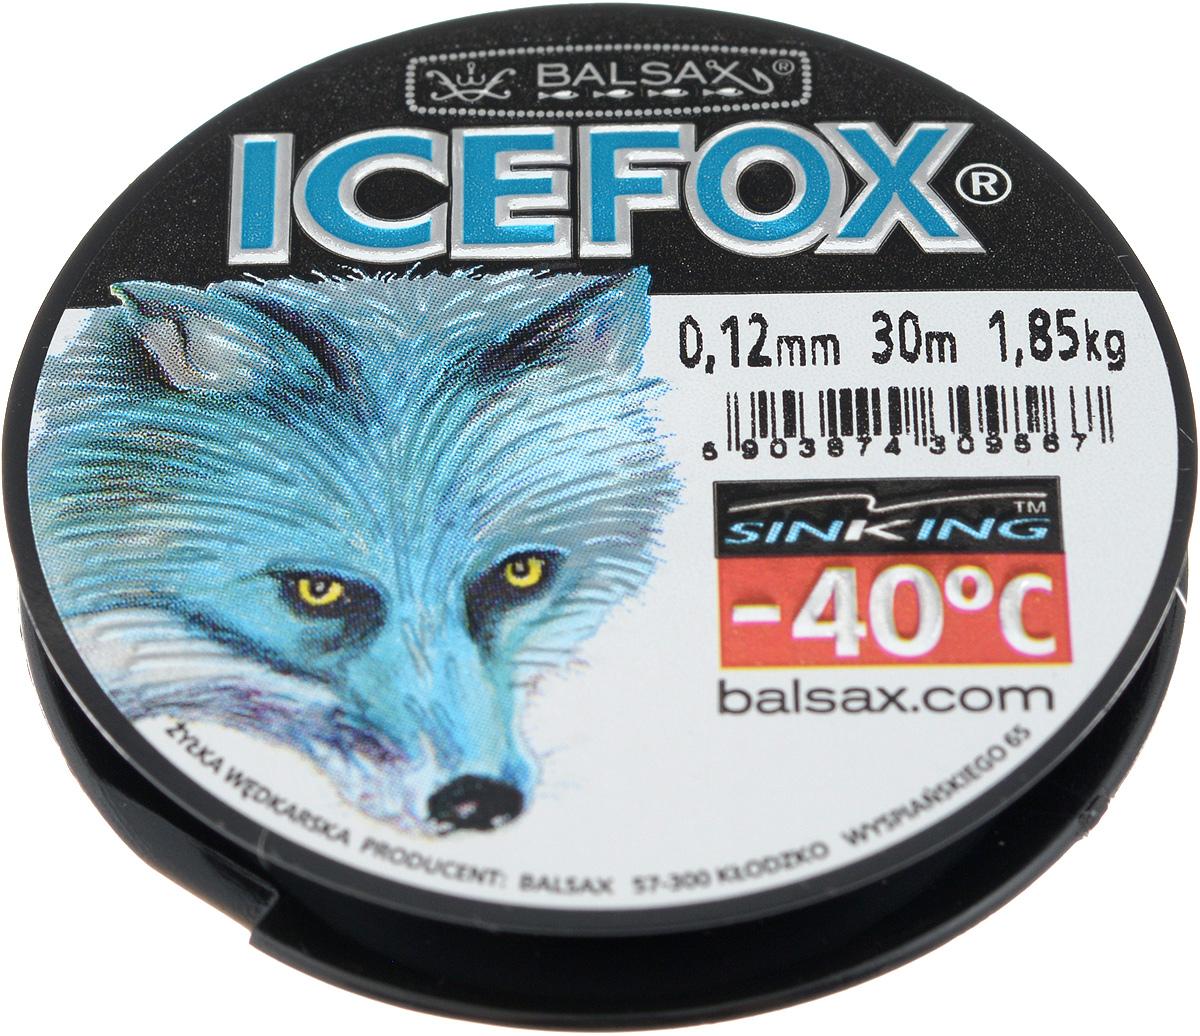 Леска зимняя Balsax Ice Fox, 30 м, 0,12 мм, 1,85 кг310-07012Леска Balsax Ice Fox изготовлена из 100% нейлона и очень хорошо выдерживает низкие температуры. Даже в самом холодном климате, при температуре вплоть до -40°C, она сохраняет свои свойства практически без изменений, в то время как традиционные лески становятся менее эластичными и теряют прочность. Поверхность лески обработана таким образом, что она не обмерзает и отлично подходит для подледного лова. Прочна в местах вязки узлов даже при минимальном диаметре.